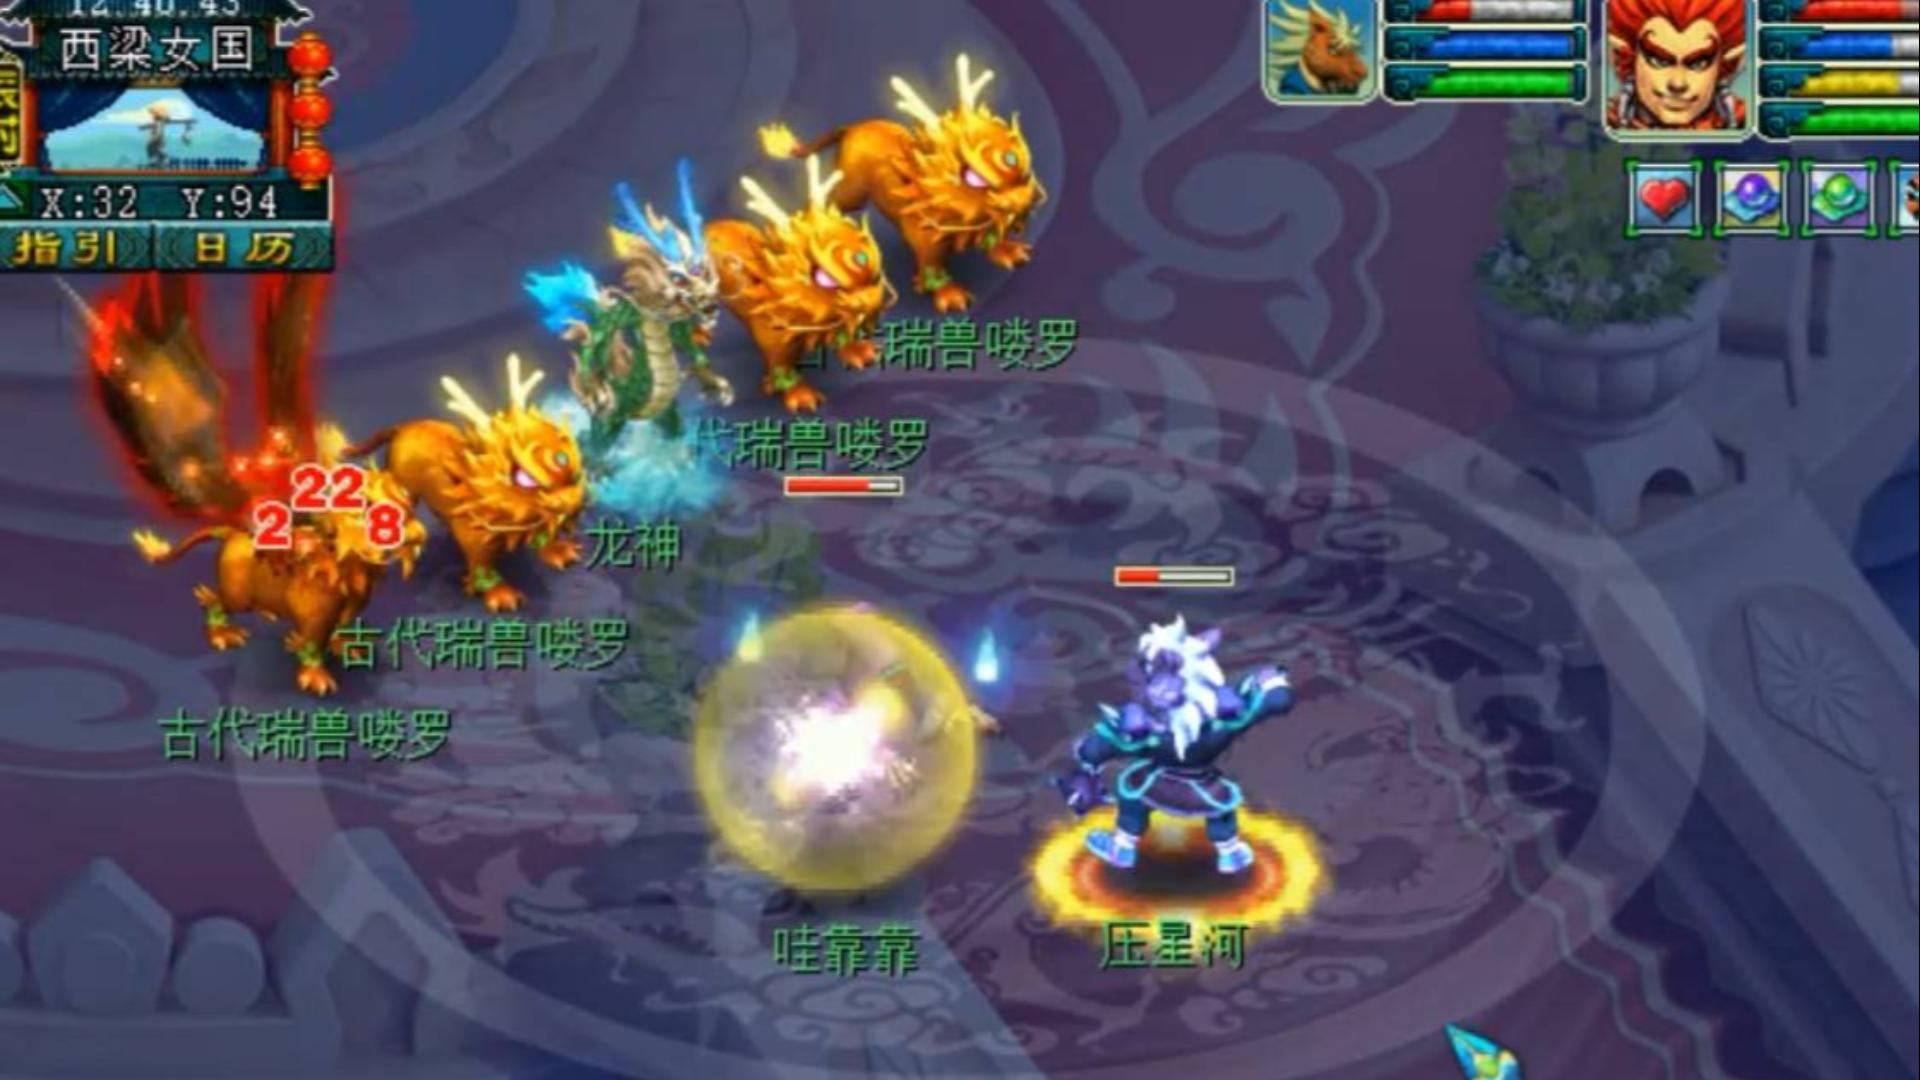 梦幻西游:带着无级别武器的69级狮驼岭,鹰击五下吊打龙神的存在